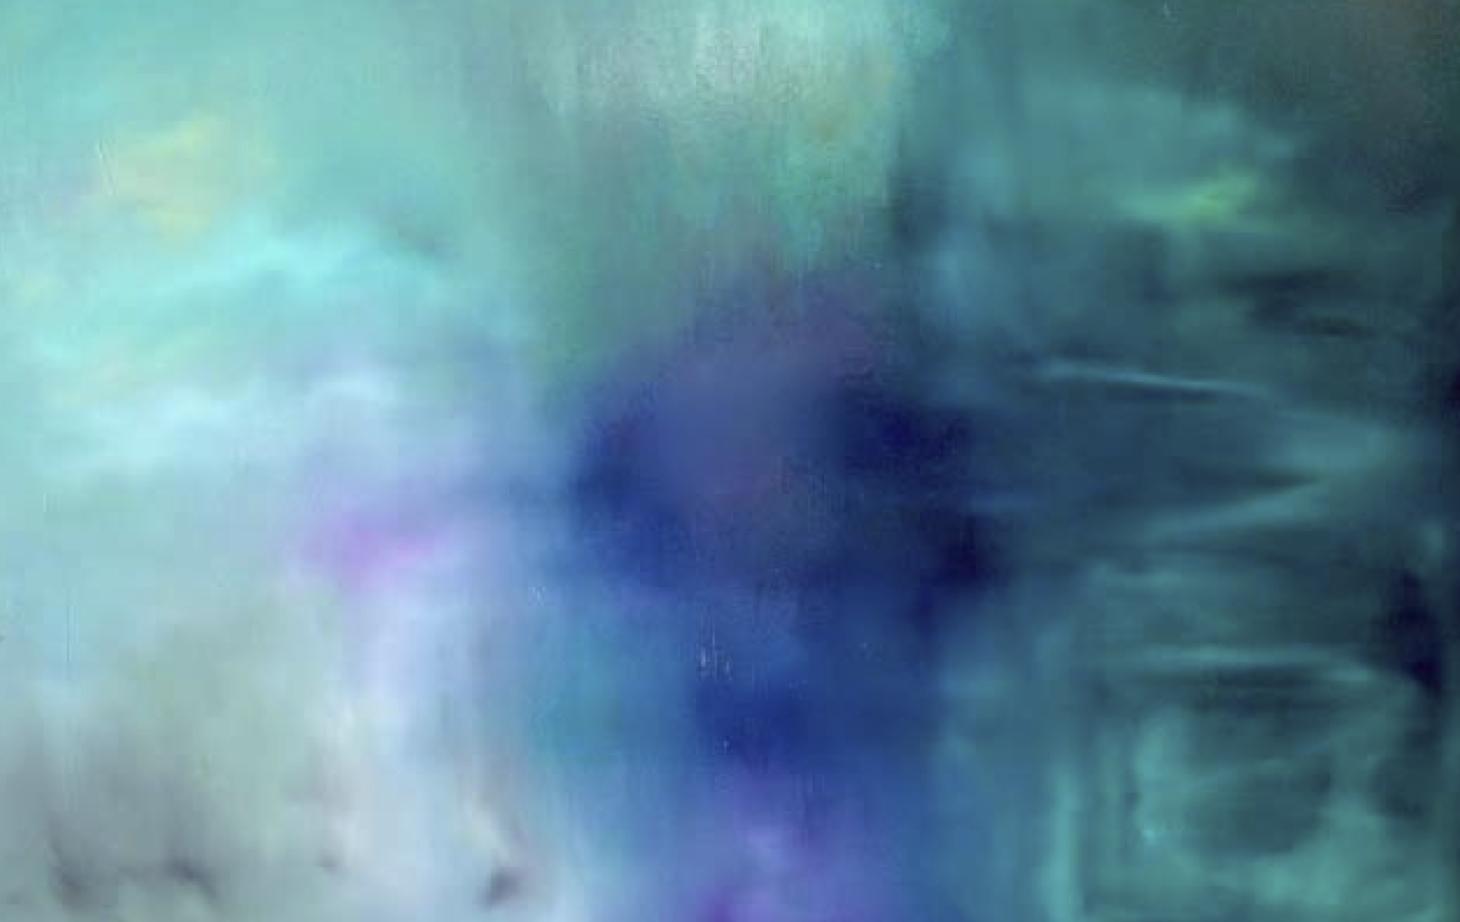 Dianne Wiest,Chana Eden Adult clip Heather Tom,Elaine Stritch